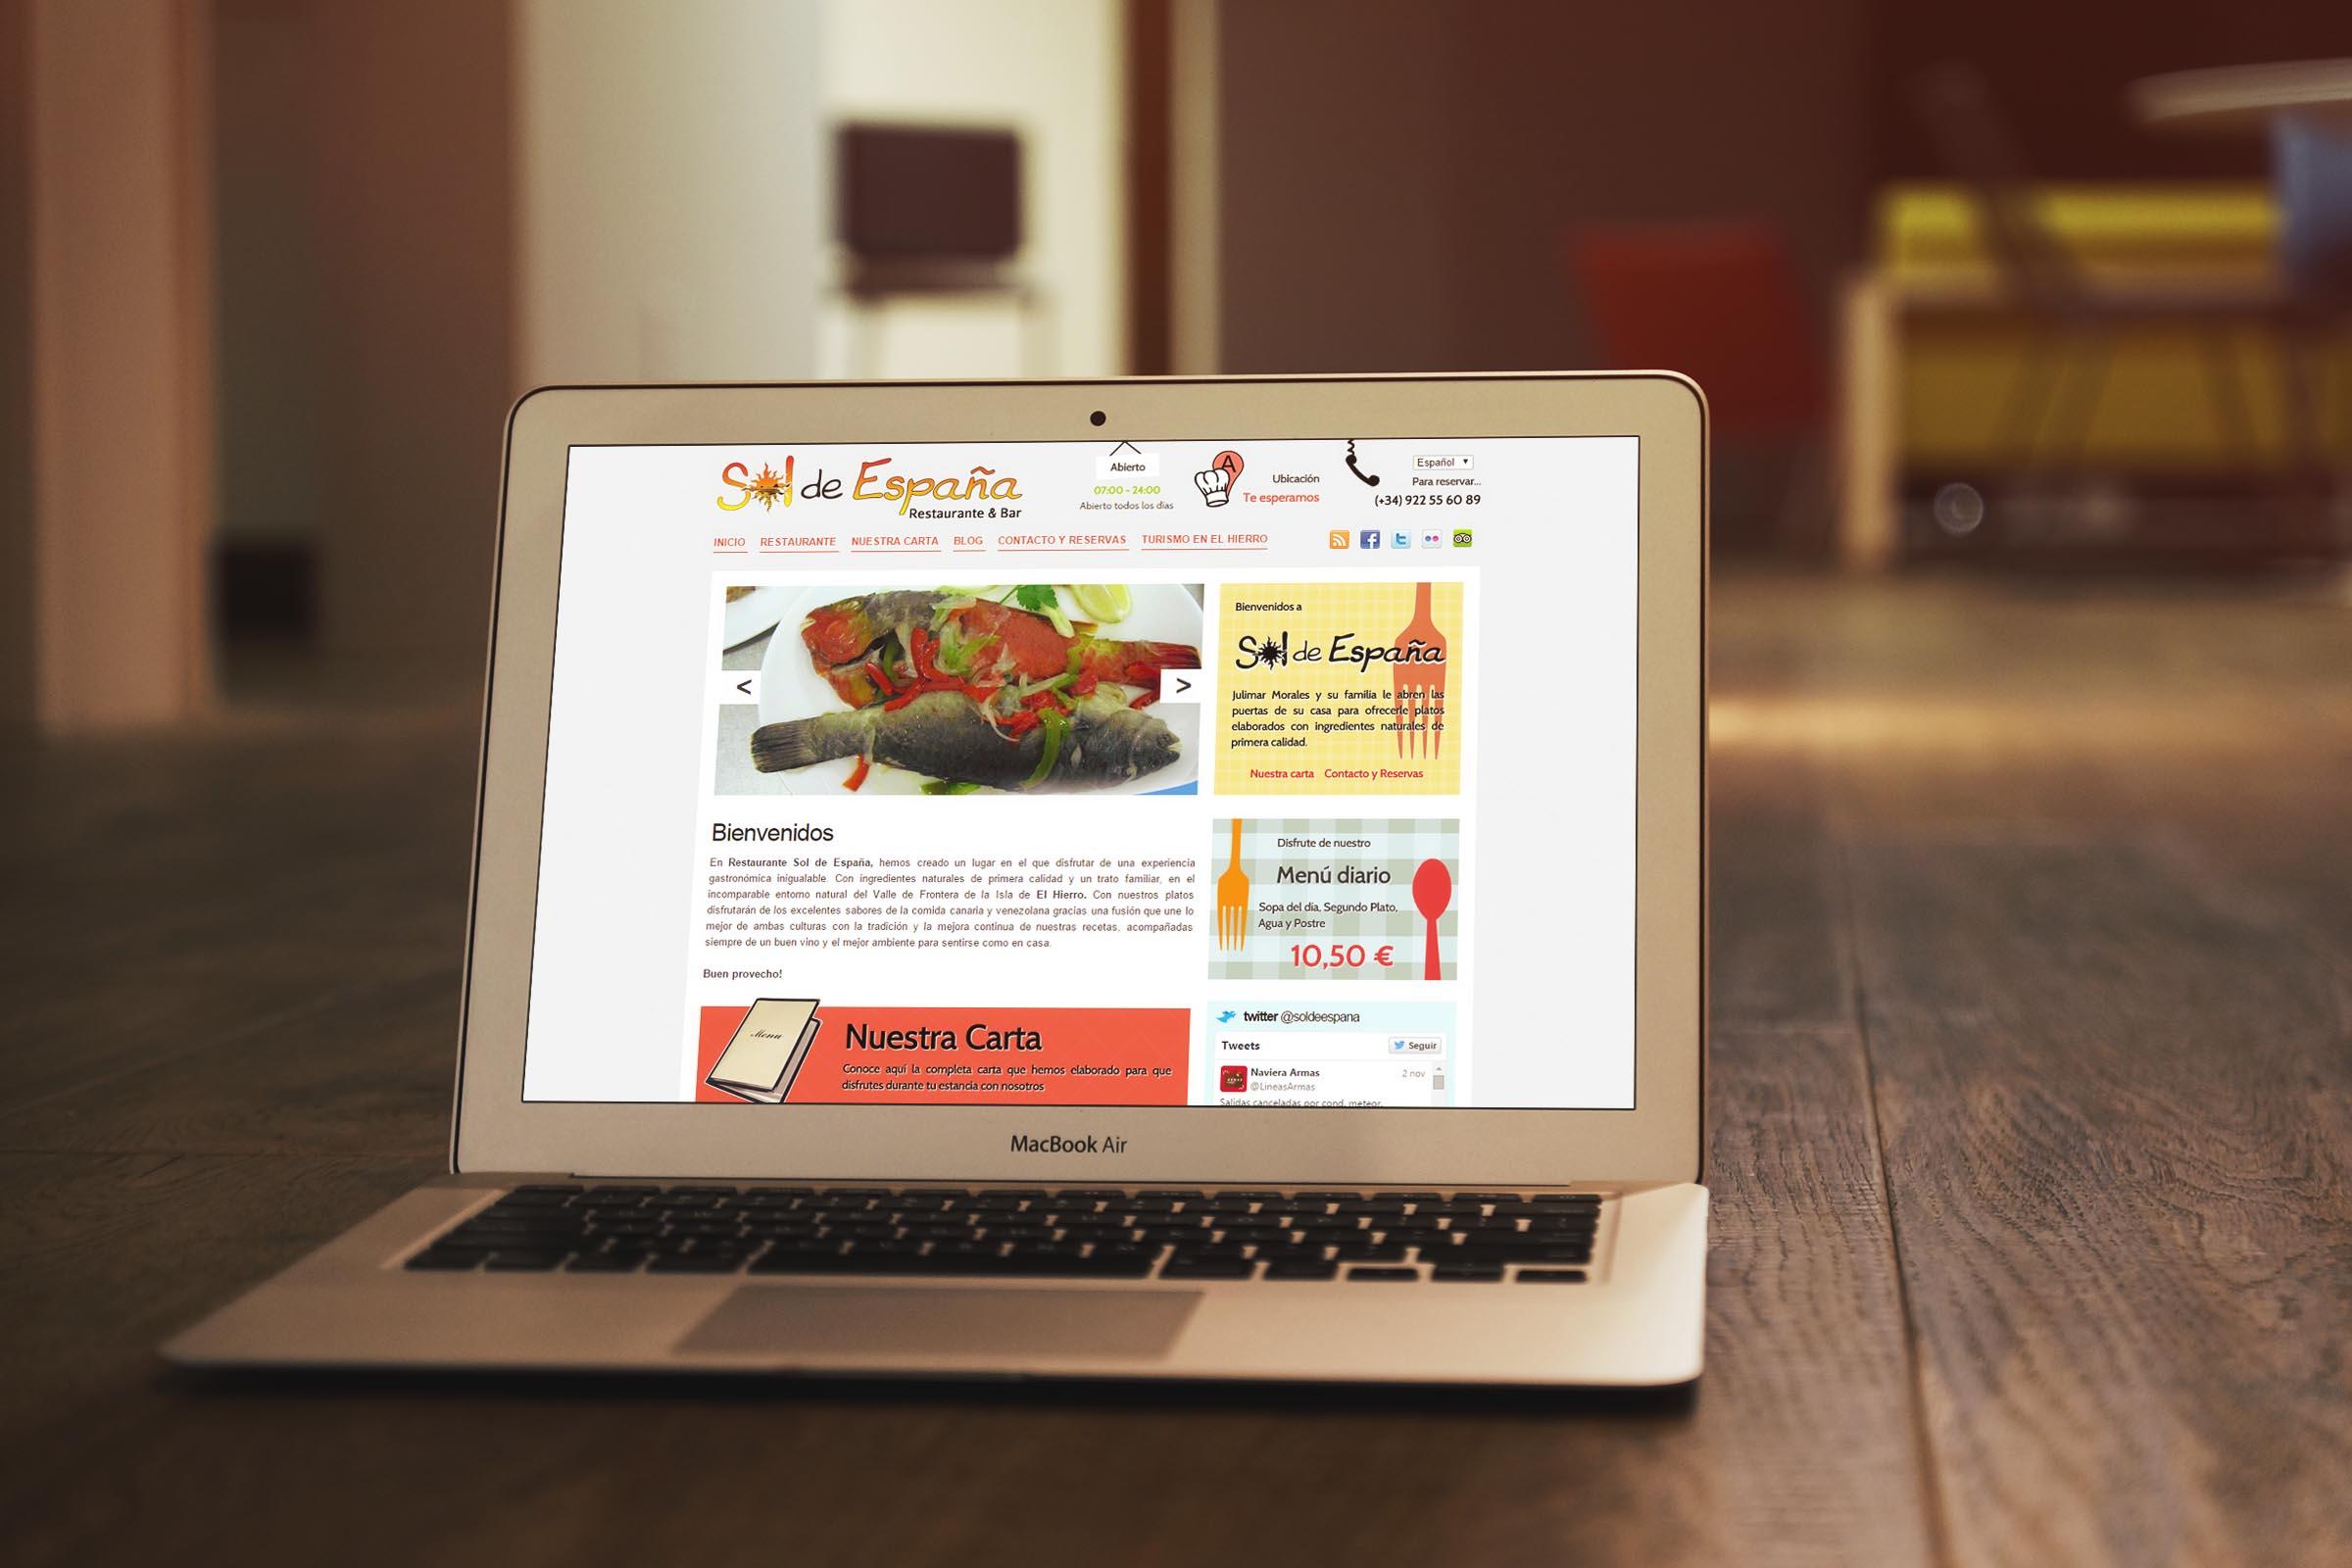 Restaurante Sol de España Web